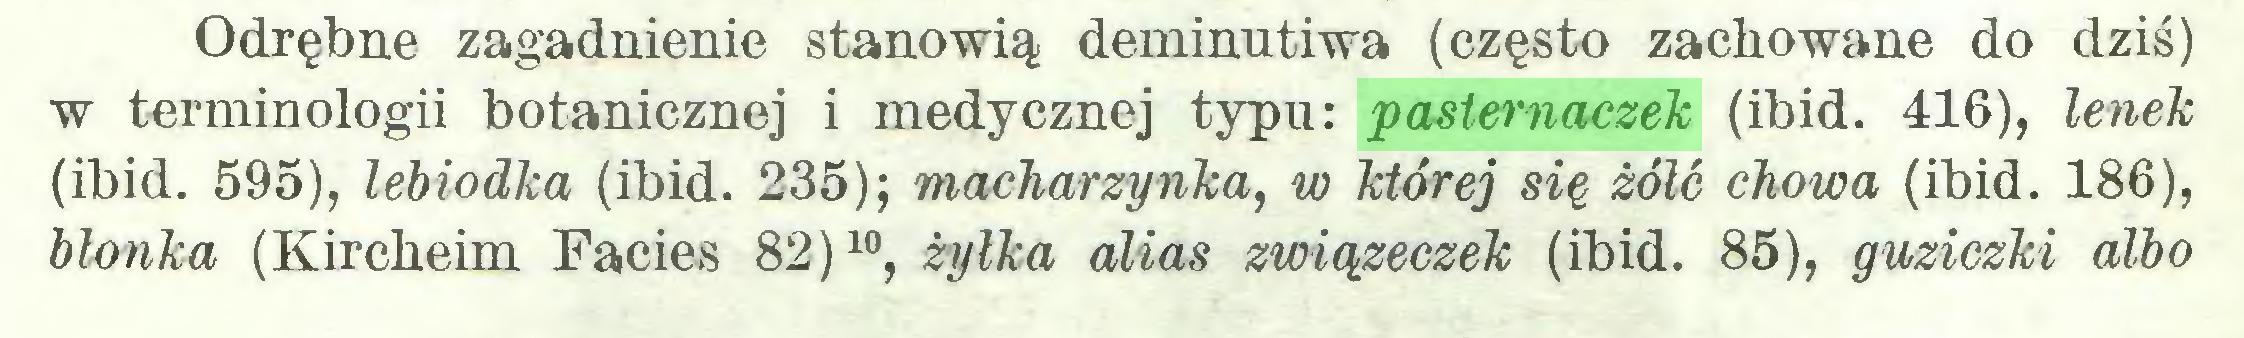 (...) Odrębne zagadnienie stanowią deminutiwa (często zachowane do dziś) w terminologii botanicznej i medycznej typu.: pasternaczek (ibid. 416), lenek (ibid. 595), lebiodka (ibid. 235); macharzynka, w której się żółć chowa (ibid. 186), blonka (Kircheim Facies 82)10, żyłka alias związeczek (ibid. 85), guziczki albo...